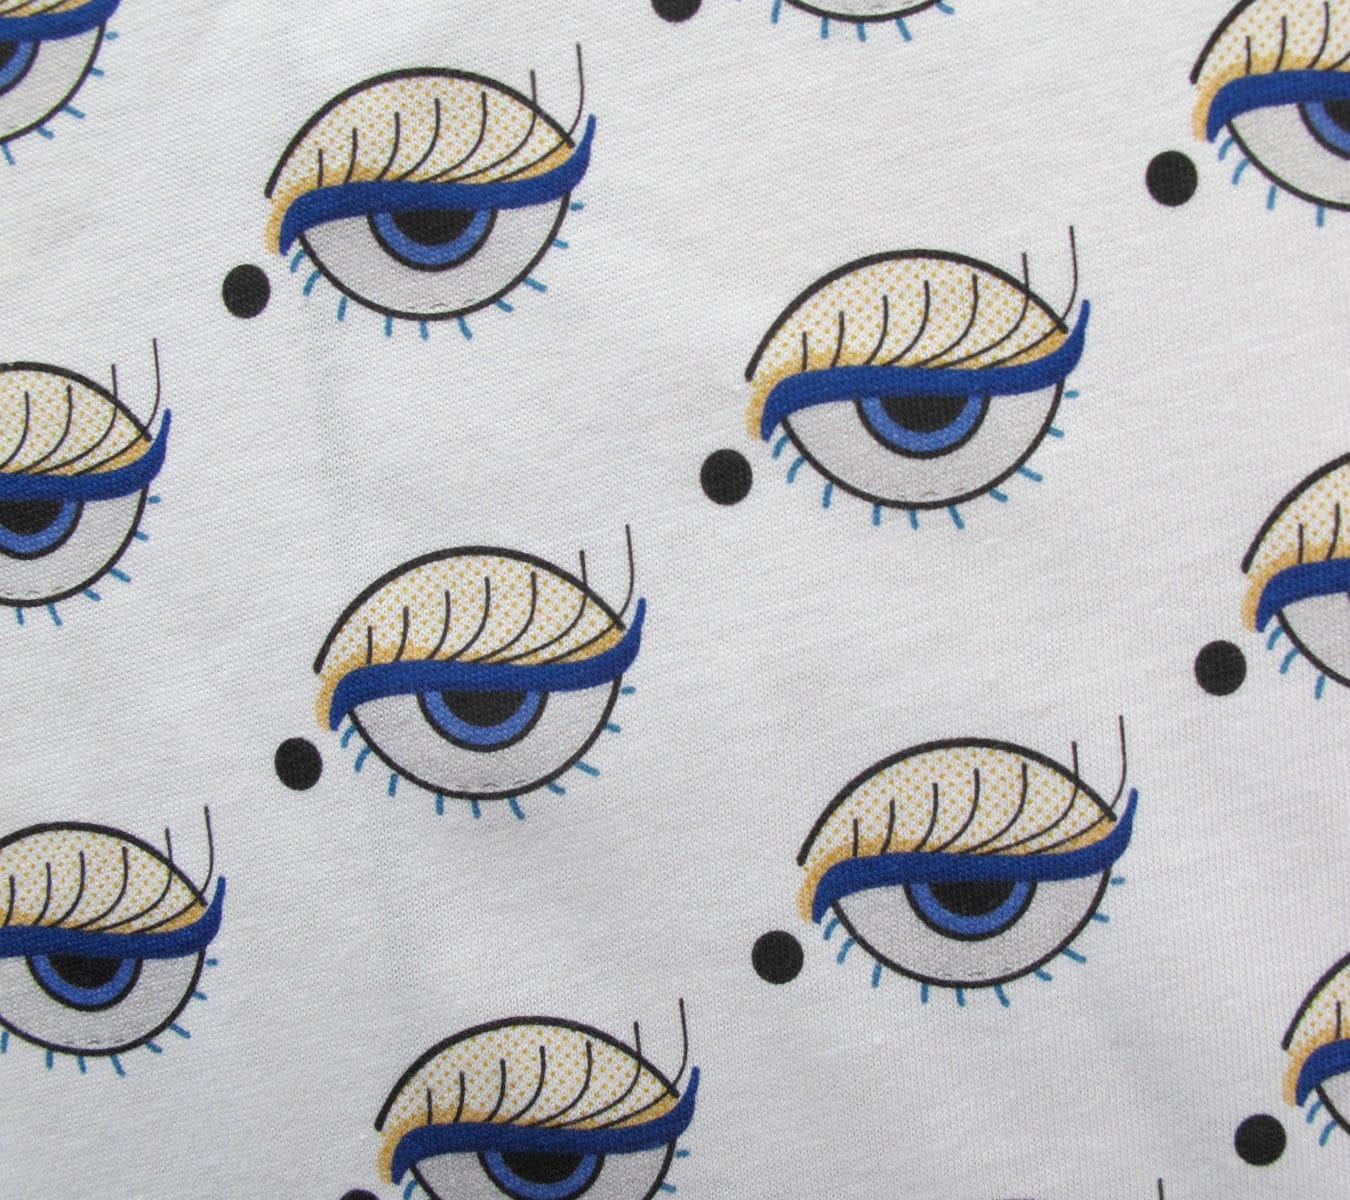 Manouche tissus, achat tissus coton, achat tissus au mètre, tissus toulouse, tissus créateurs, tissus créateur, achat tissus, tissus couture, tissus originaux, tissus viscose, tissus jersey, tissus petite quantité, coupons, achat tissus Toulouse, boutique en ligne, eshop, tissus au mètre, tissus uniques colorés, tissus imprimés, tissus écologiques, boutique de tissus en ligne, tissus à motifs, tissus uniques, envies couture, paiement sécurisé CB et Paypal